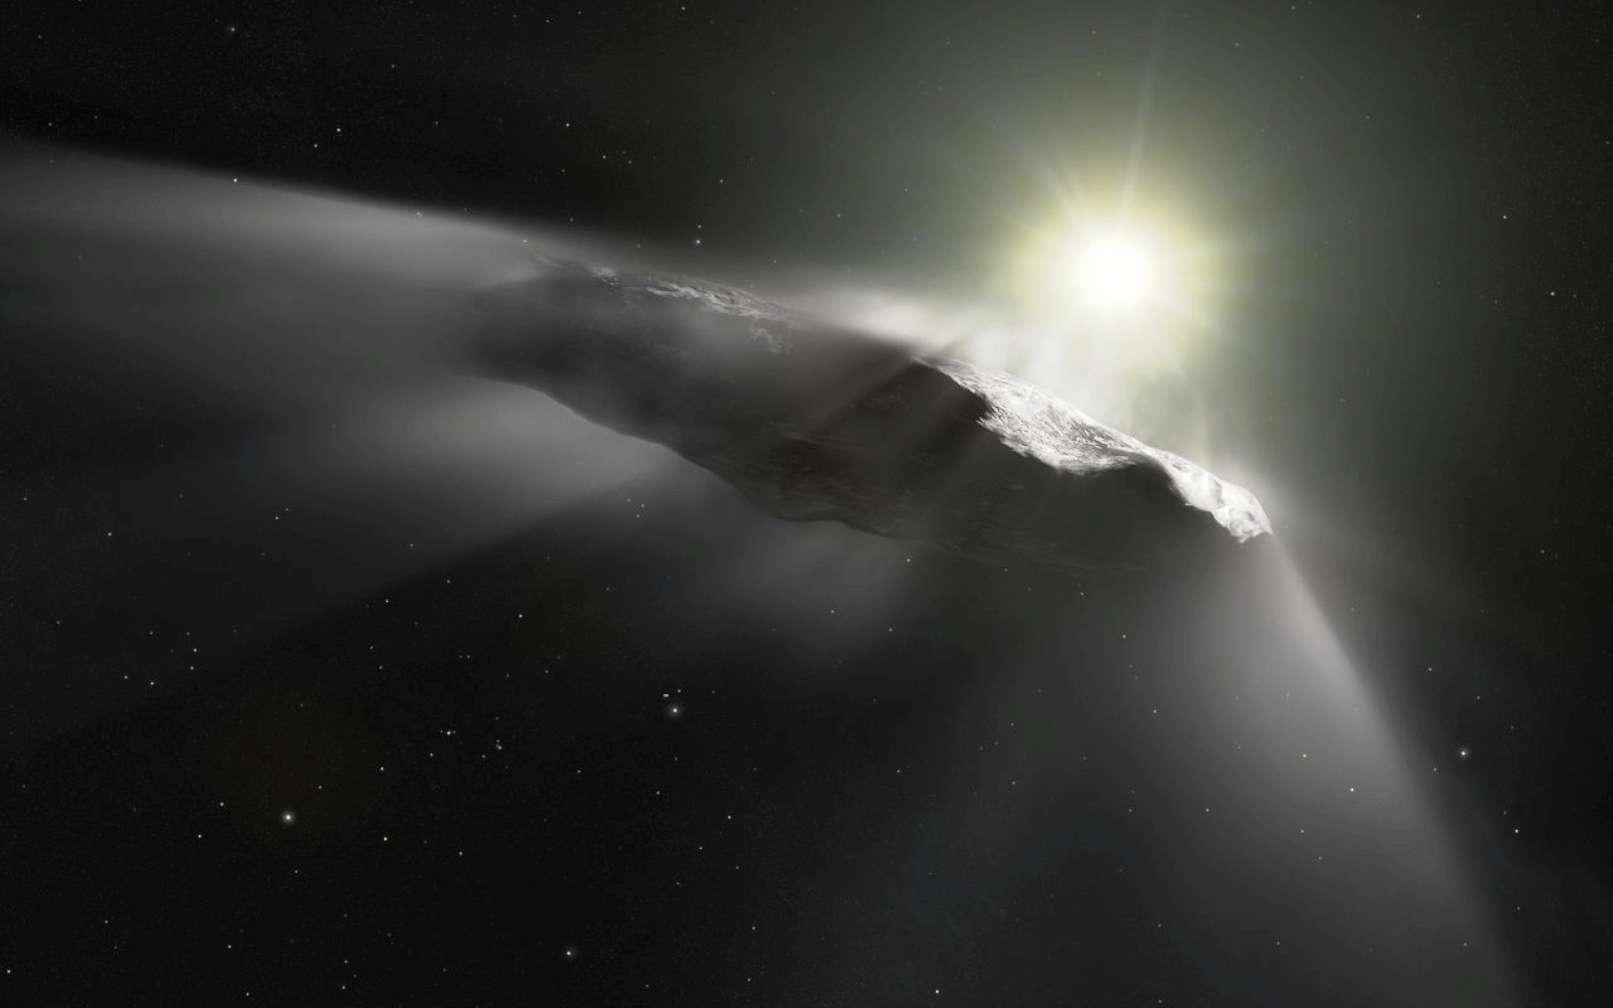 Vue d'artiste d'artiste de 'Oumuamua. Son nom signifie en hawaïen « messager venu de loin et arrivé le premier ». © ESA, Hubble, Nasa, ESO, M. Kornmesser